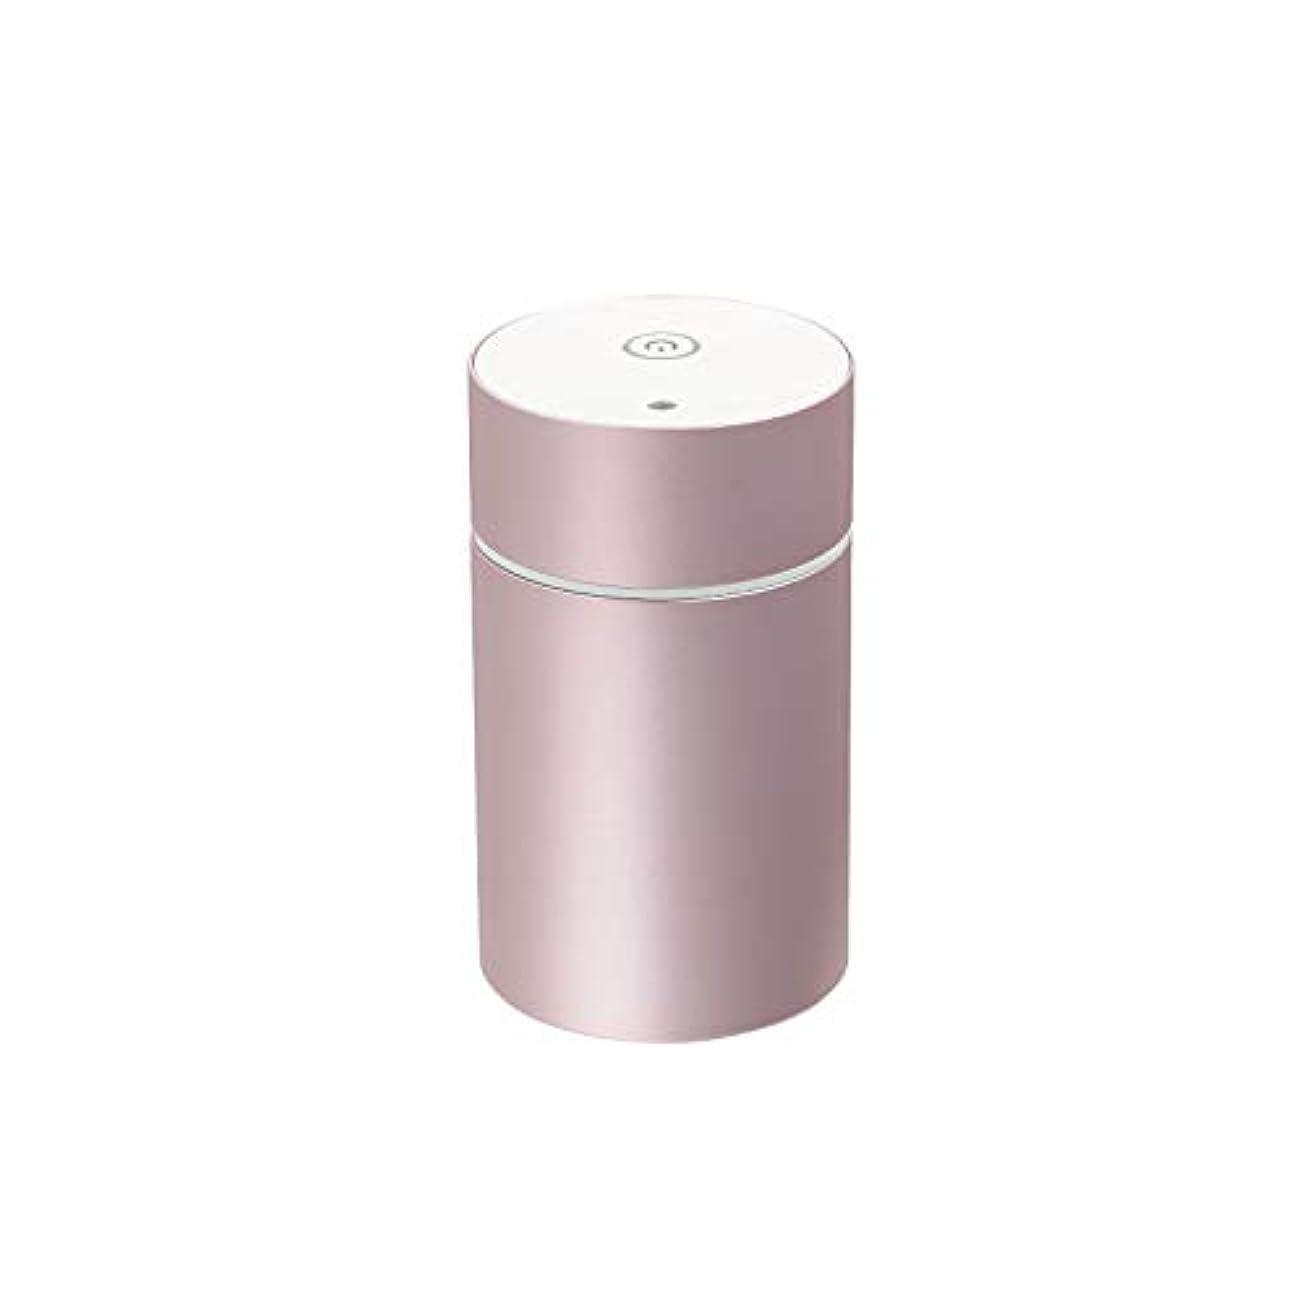 の面ではボイラー大洪水生活の木 アロマディフューザー(ピンク)aromore mini(アロモアミニ) 08-801-7020